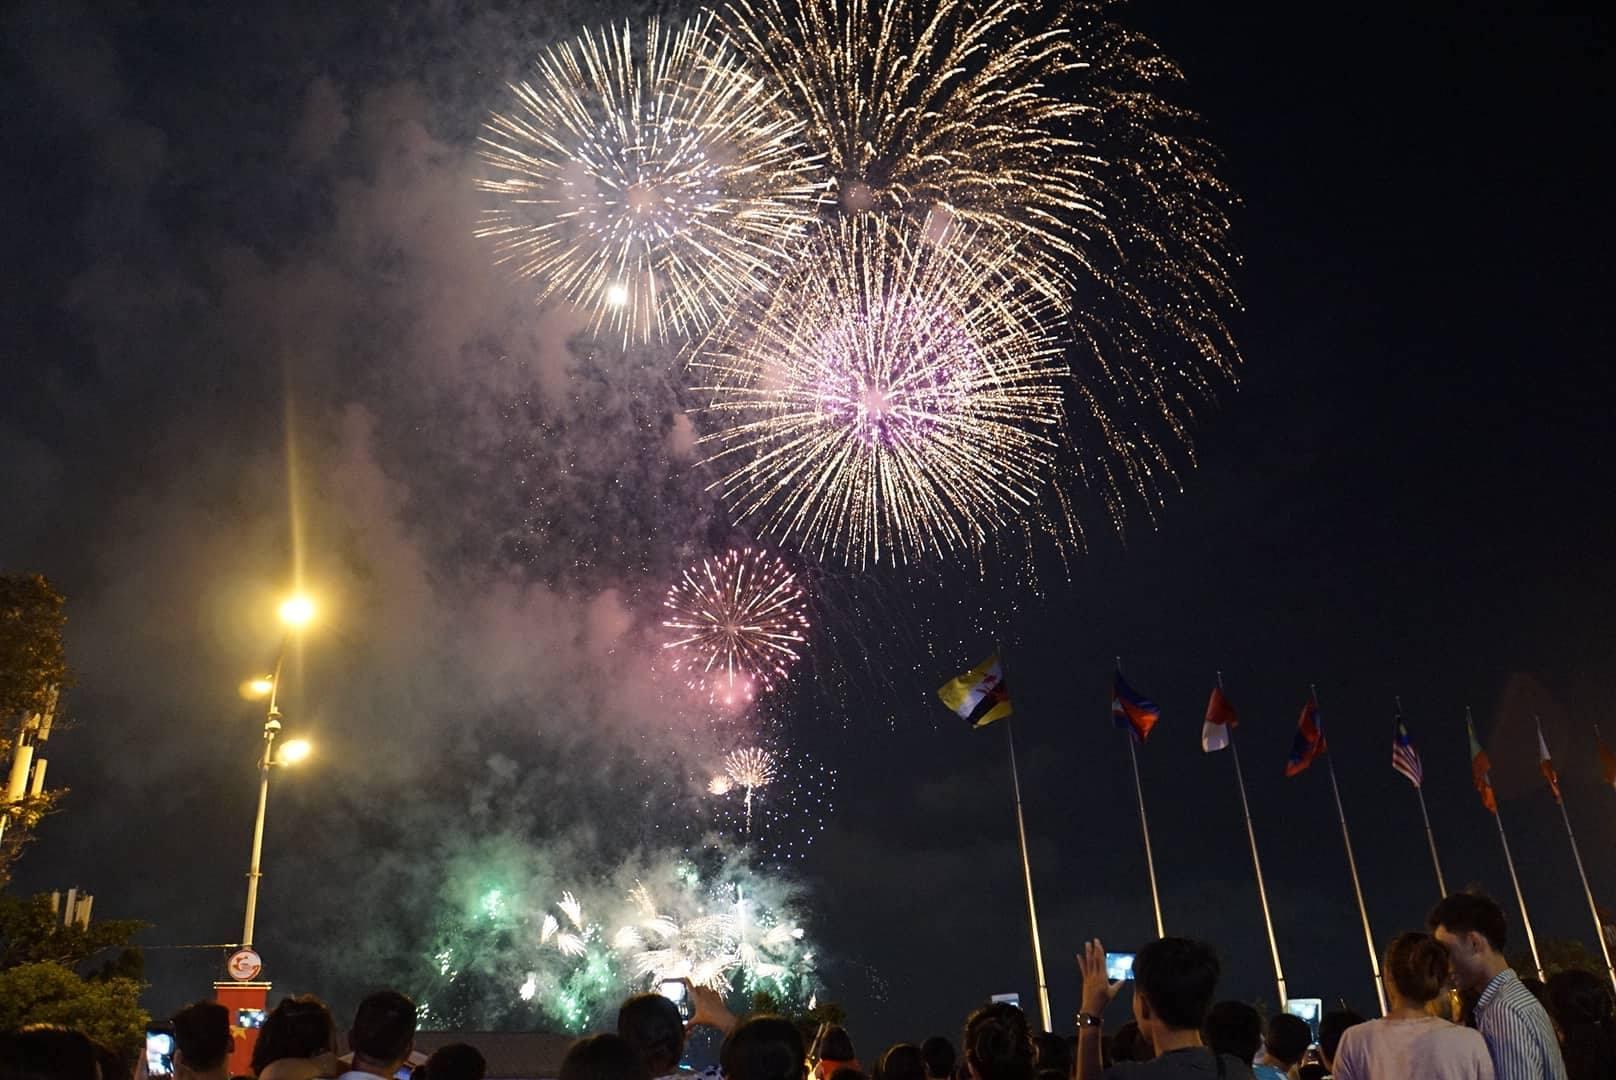 Pháo hoa rực sáng trên bầu trời Sài Gòn mừng lễ 30/4-2